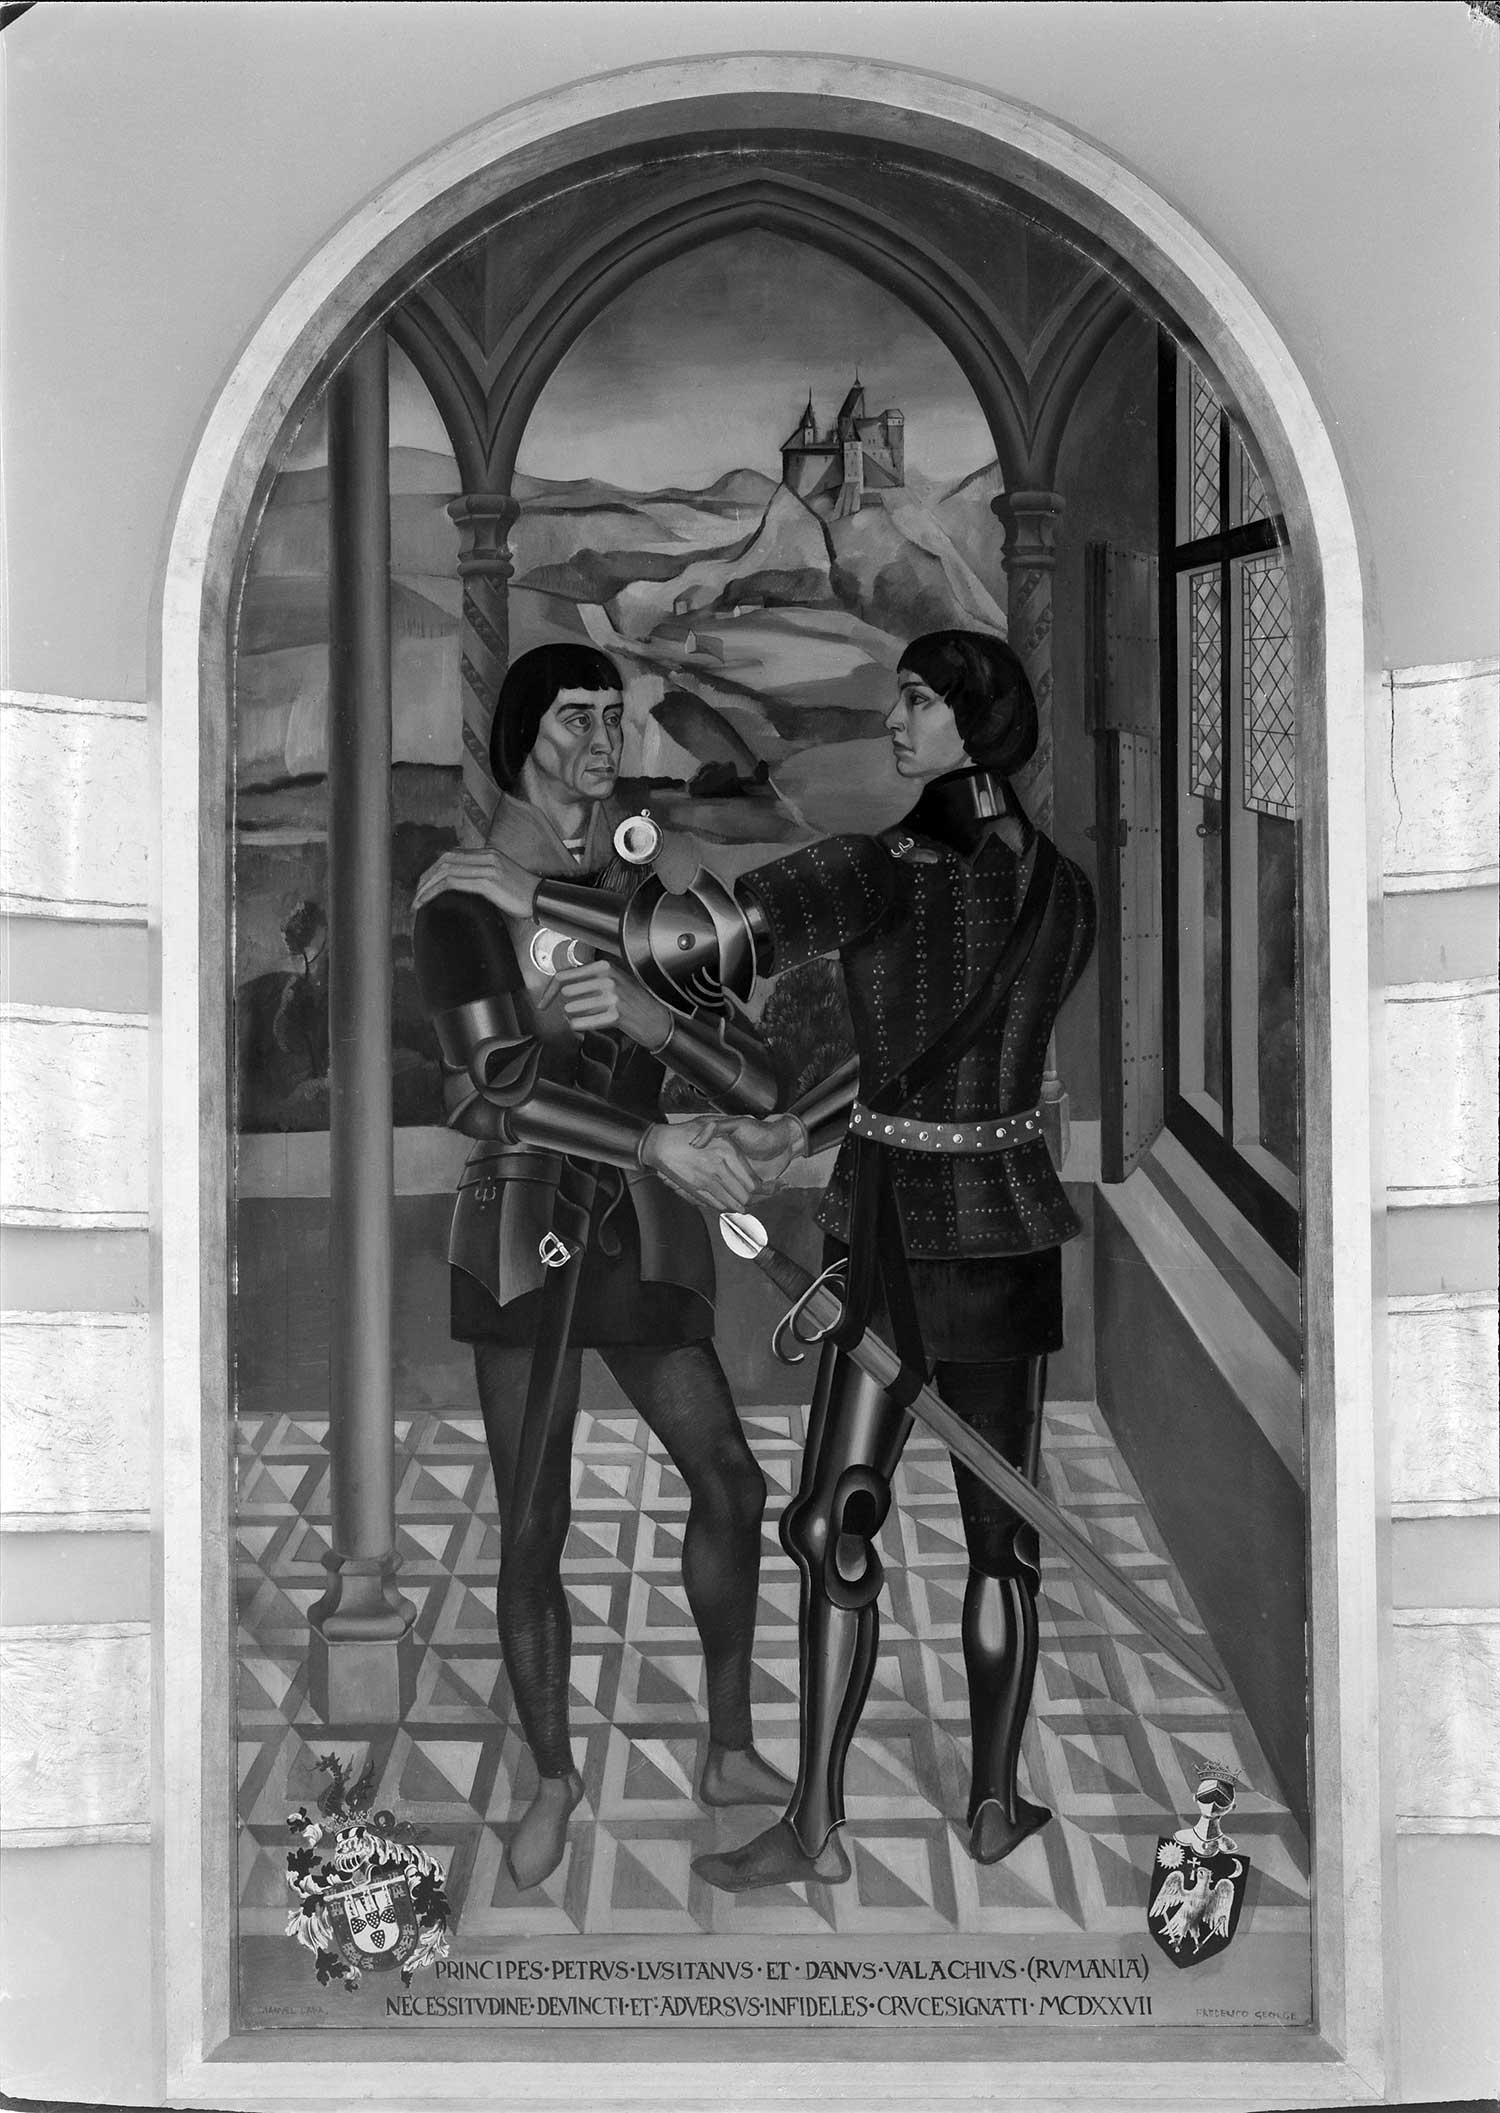 Photo: Estúdio Horácio Novais, 1940, Lisbon  Biblioteca de Arte da Fundação Calouste Gulbenkian [CFT003_057040]